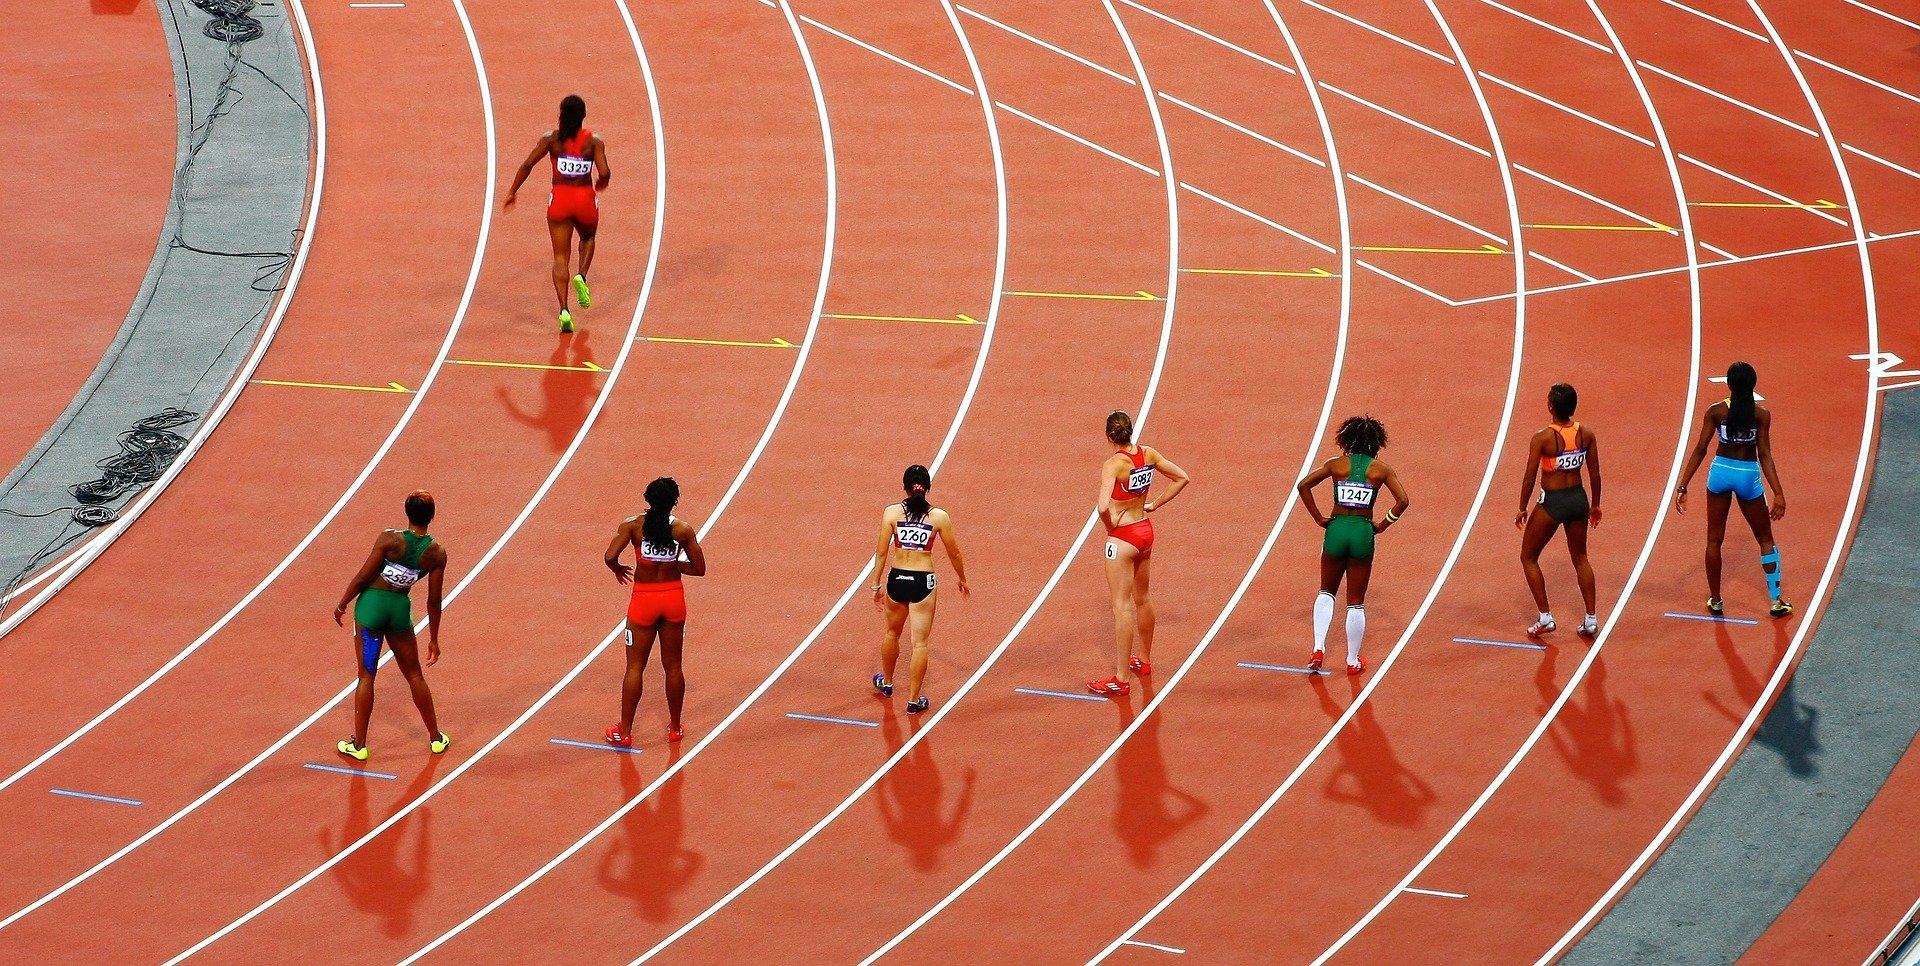 Olimpíadas: o que aprendemos com o esporte?